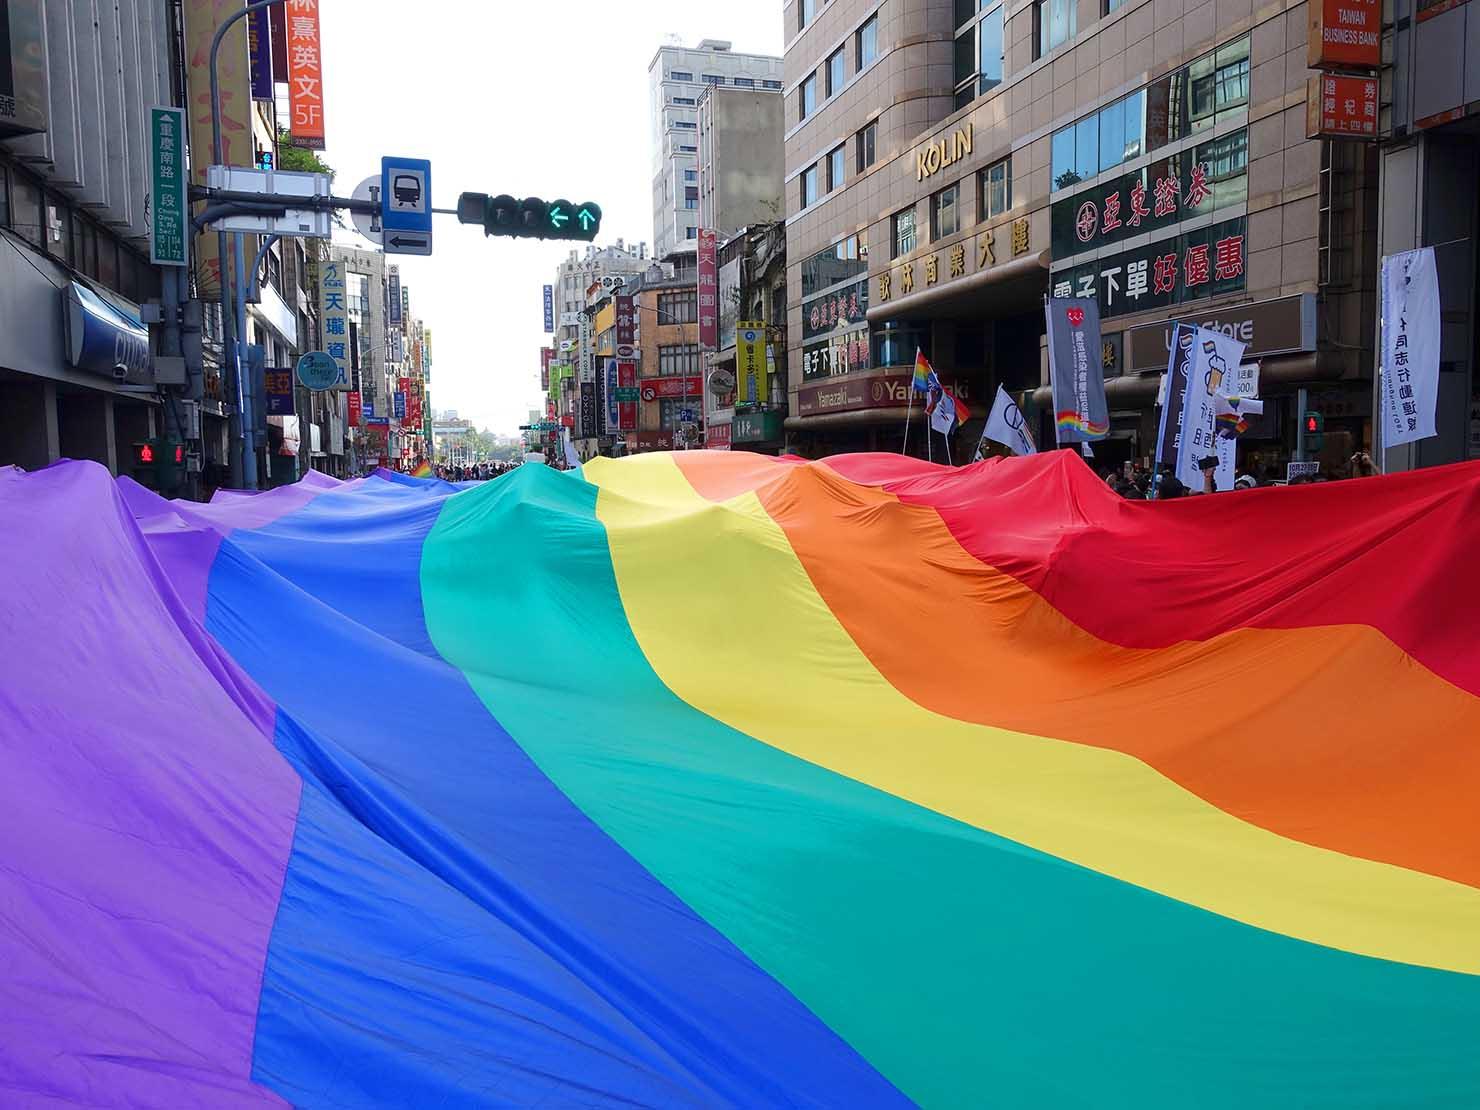 台灣同志遊行(台湾LGBTプライド)2018で道路を覆い尽くす特大レインボーフラッグ